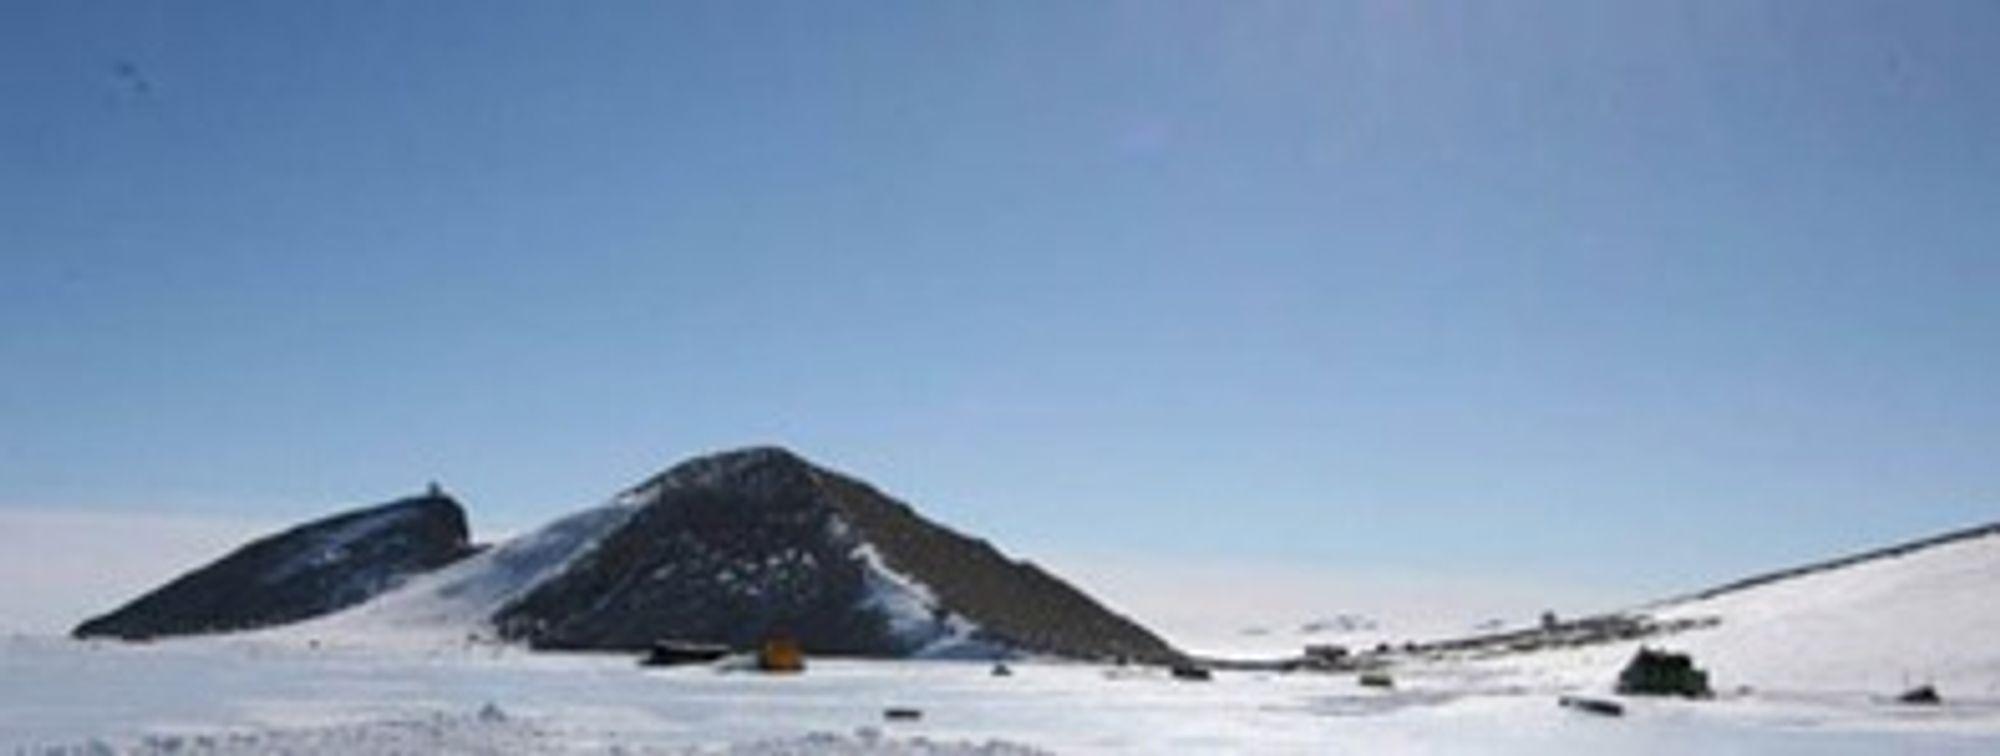 KSAT betjener Galileo fra TrollSat-stasjonen i Antarktis. (Foto: KSAT)